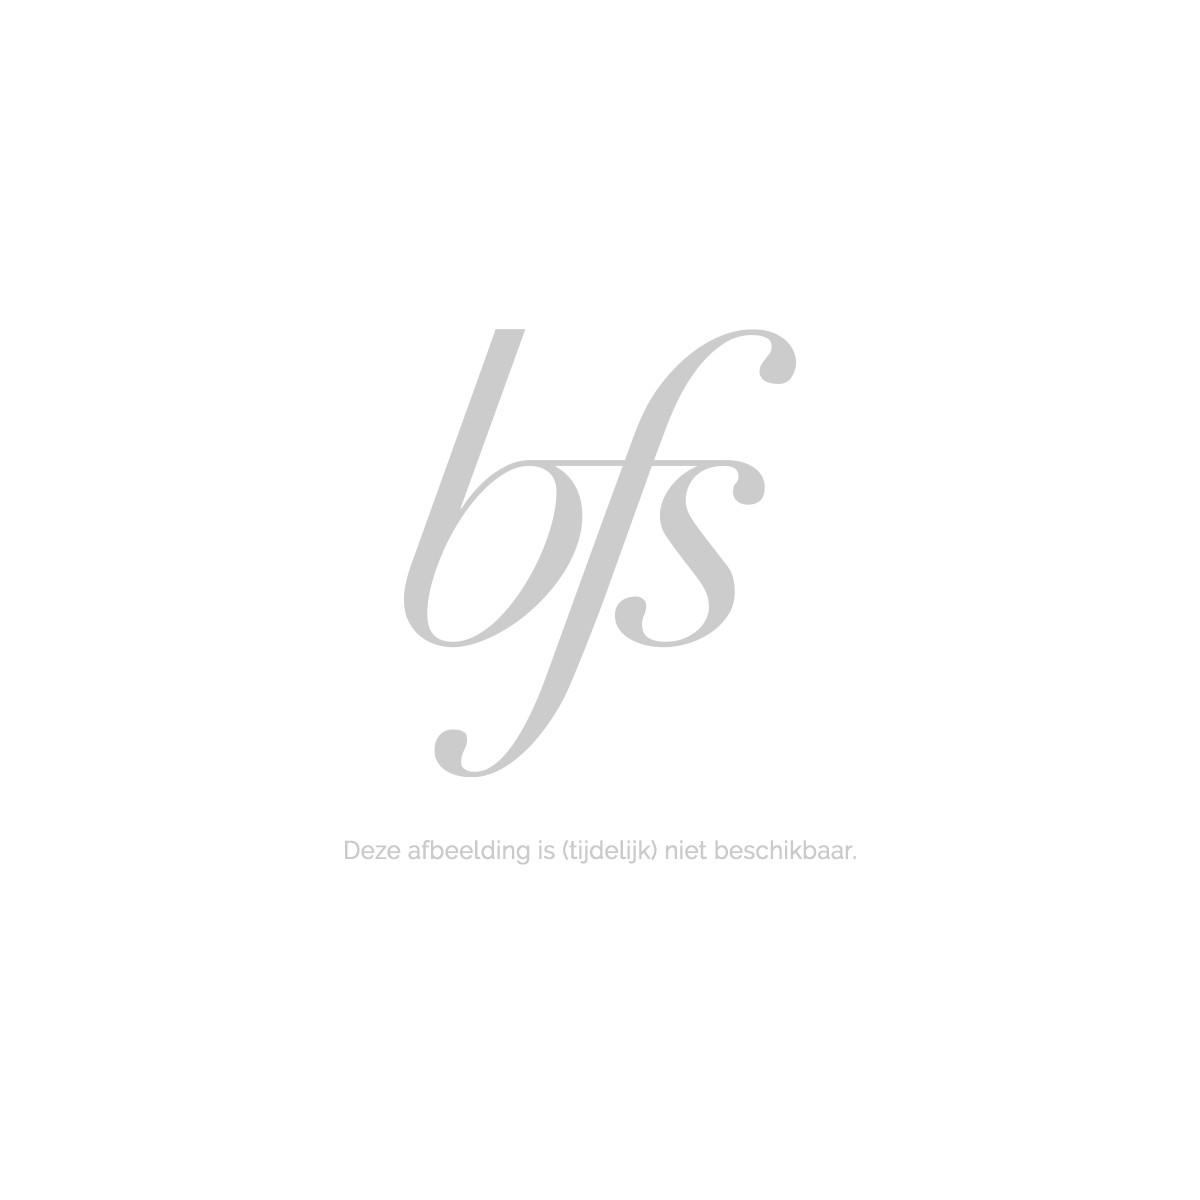 Chanel Allure Femme Eau de Parfum 35 ml